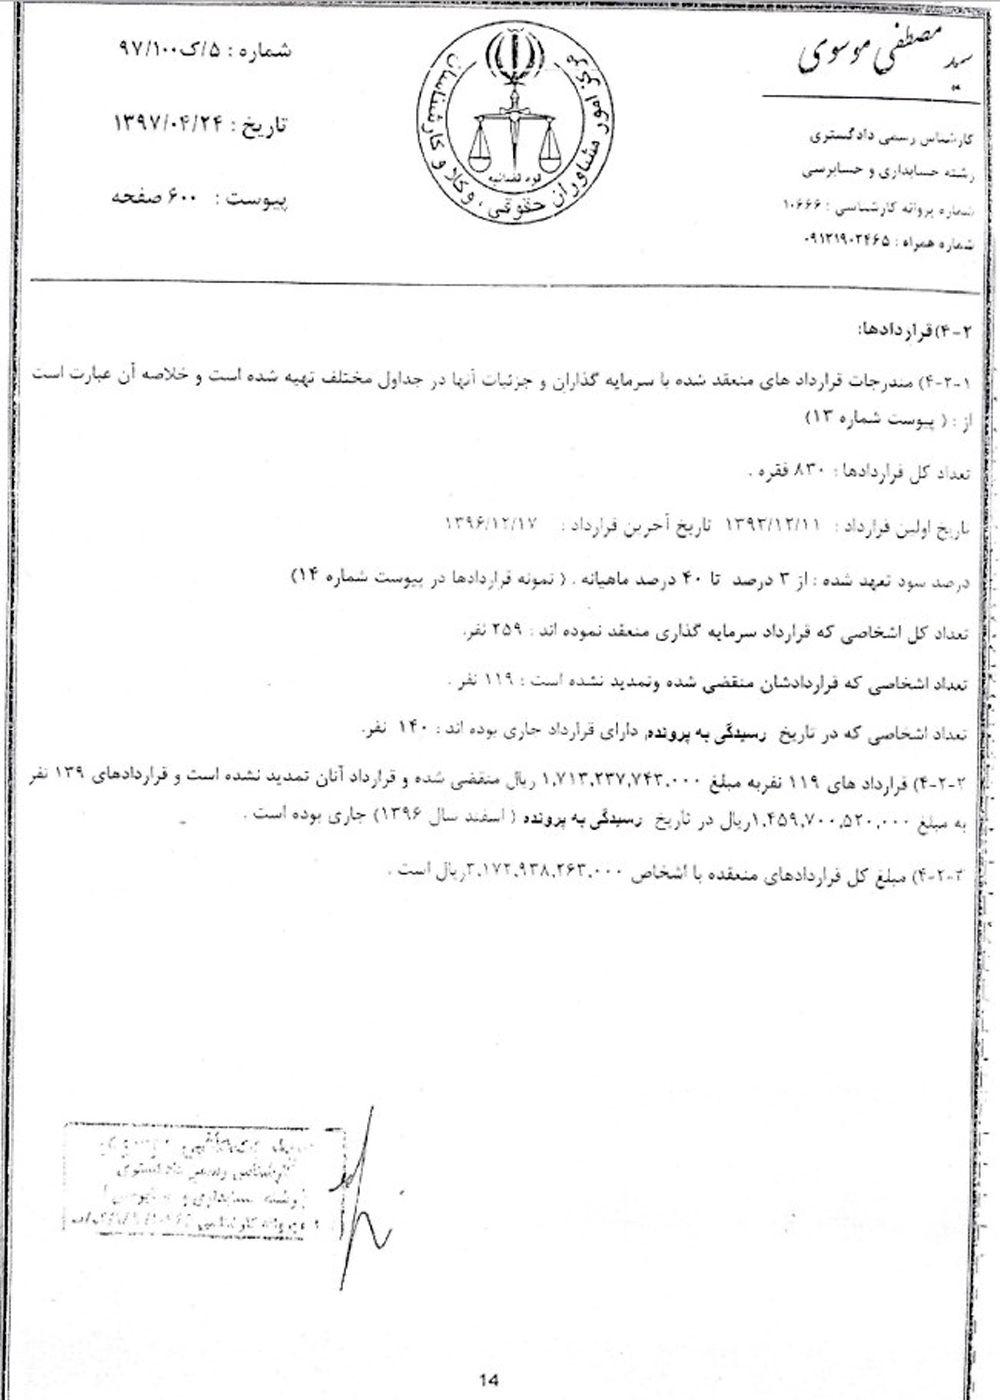 گزارش حسابرسی سرمایهگذاری های دومان سهند توسط کارشناس رسمی دادگستری(تصویر دو)